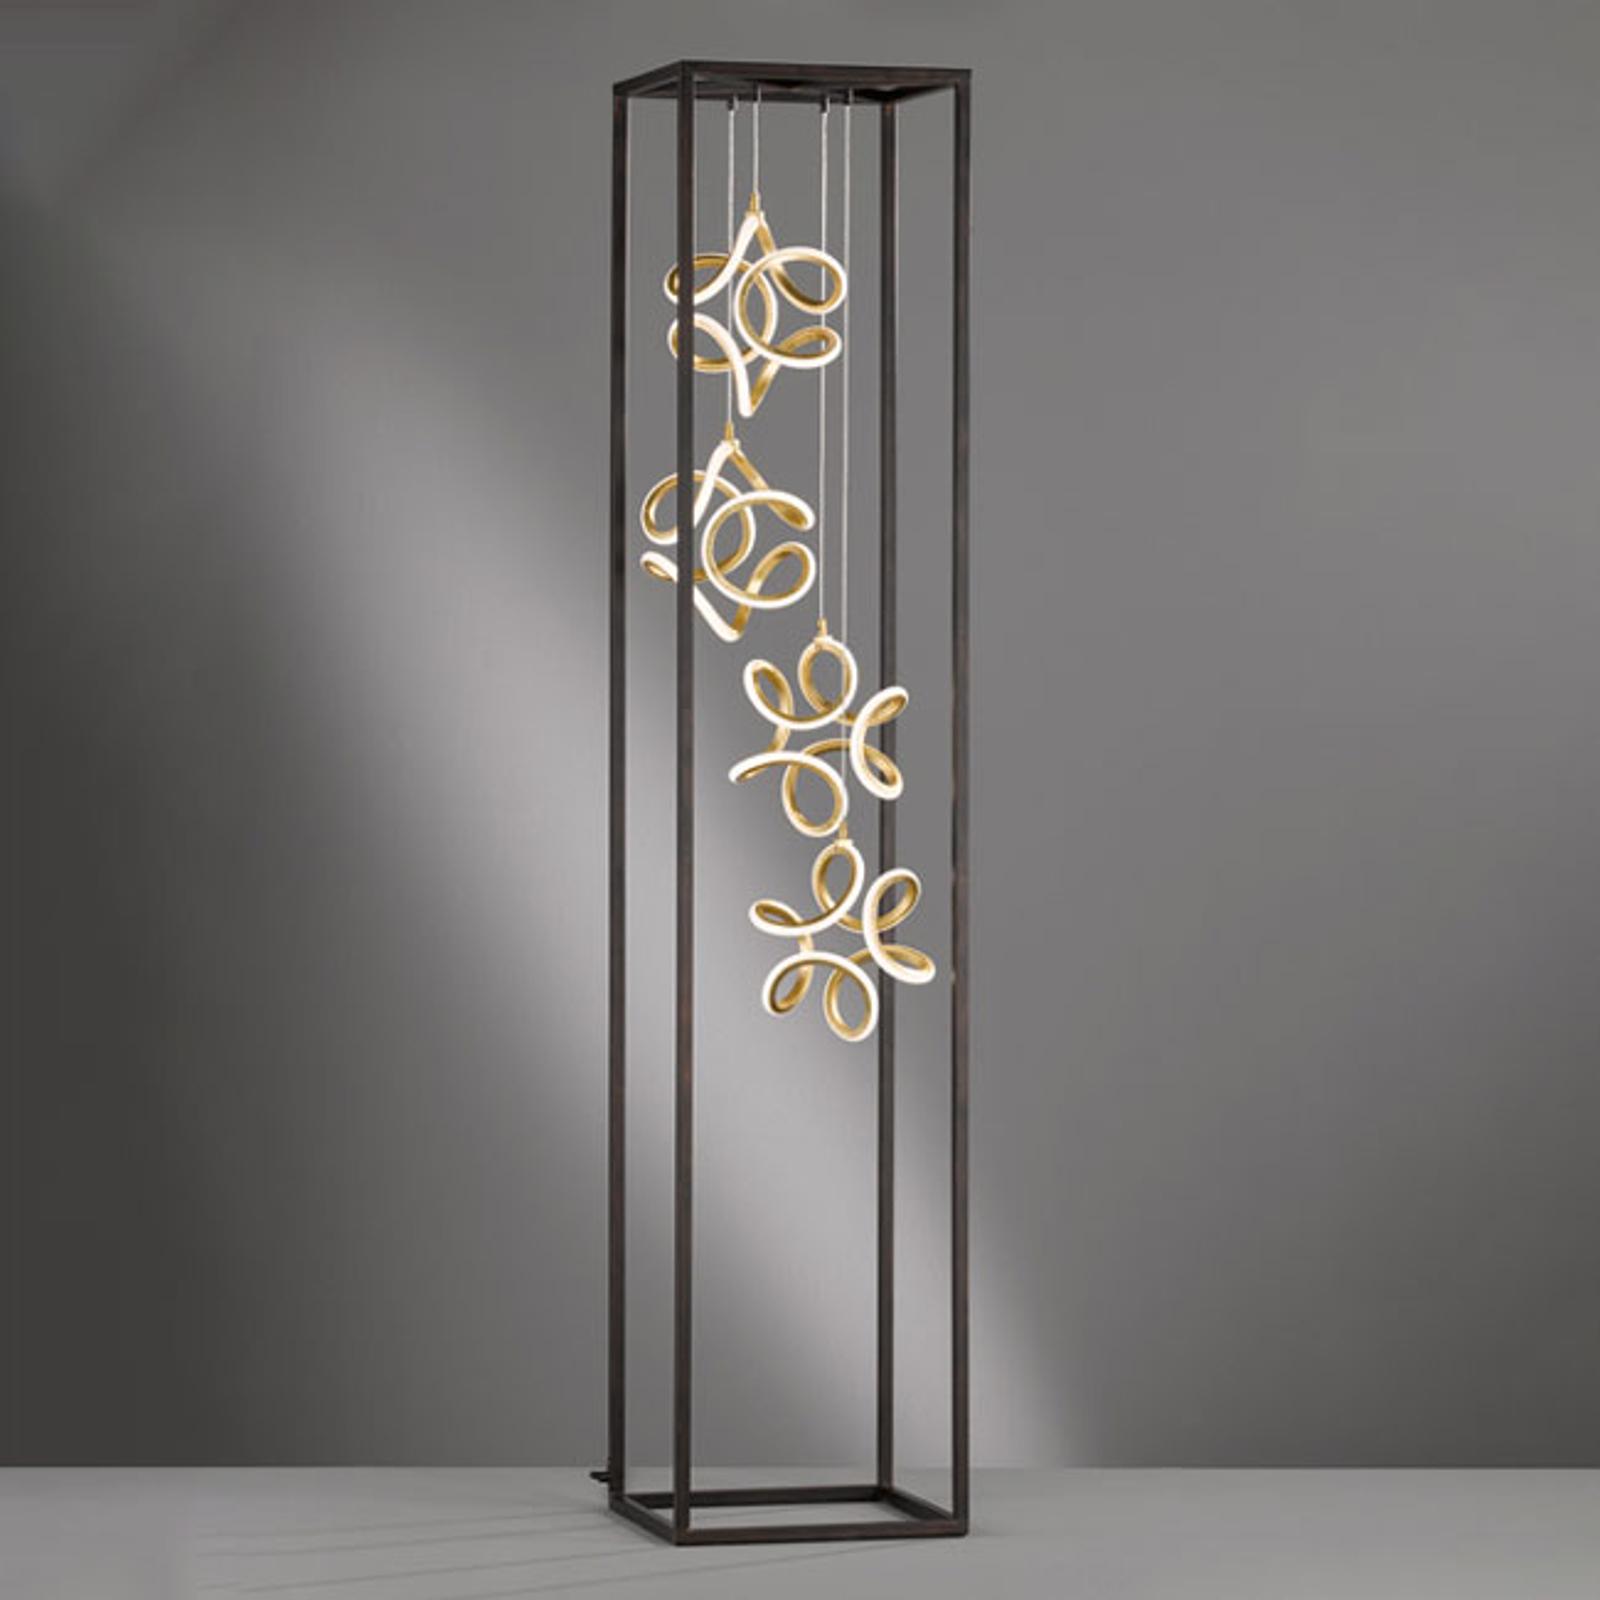 Lampa stojąca LED Gesa z 4 światłami w klatce